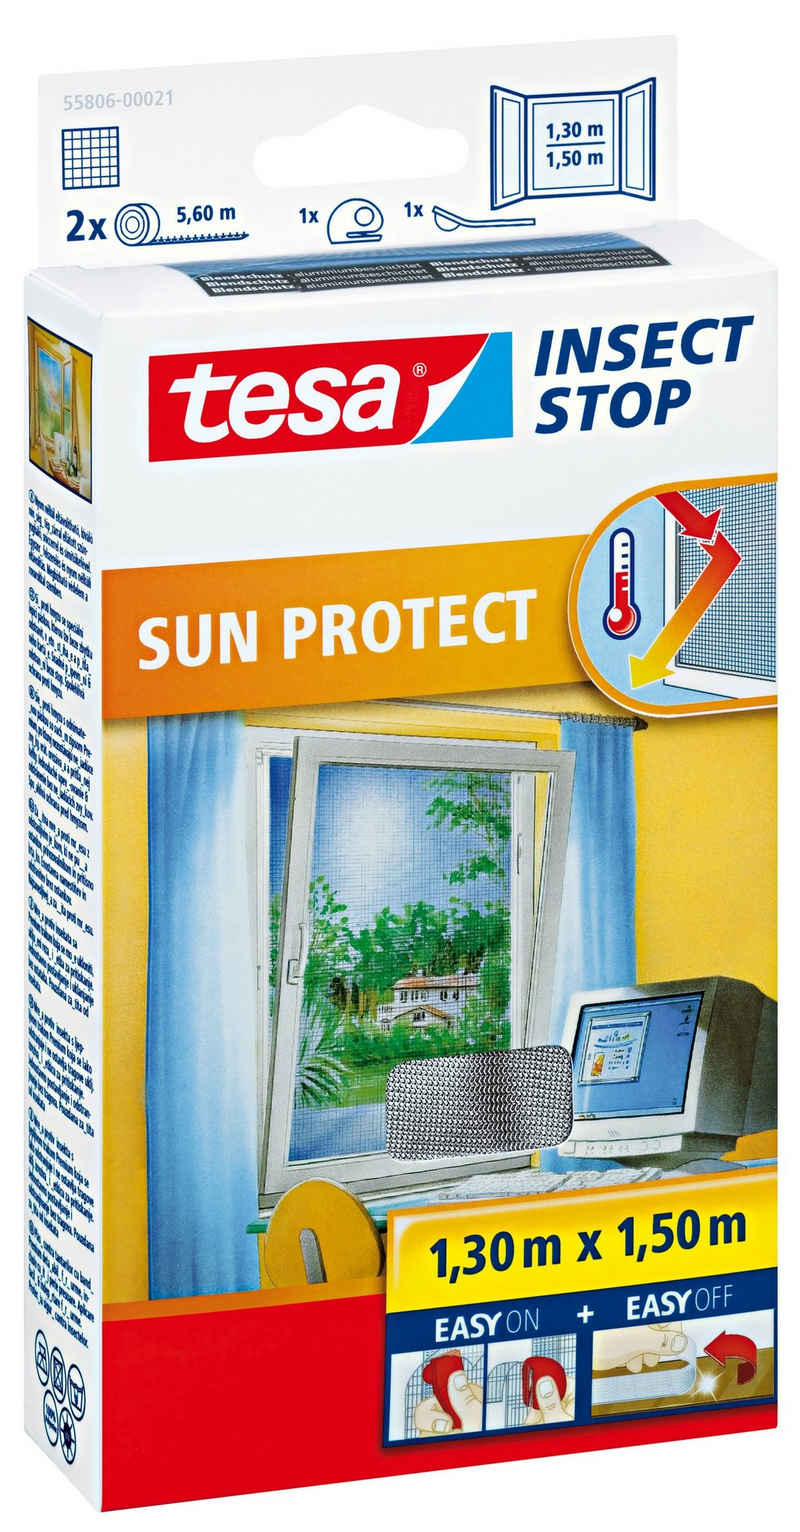 tesa Insektenschutz-Fenster »Insect Stop Fliegengitter Sonnenschutz für Fenster«, (1-St), Insektenschutz, Blendschutz, Sonnenschutz